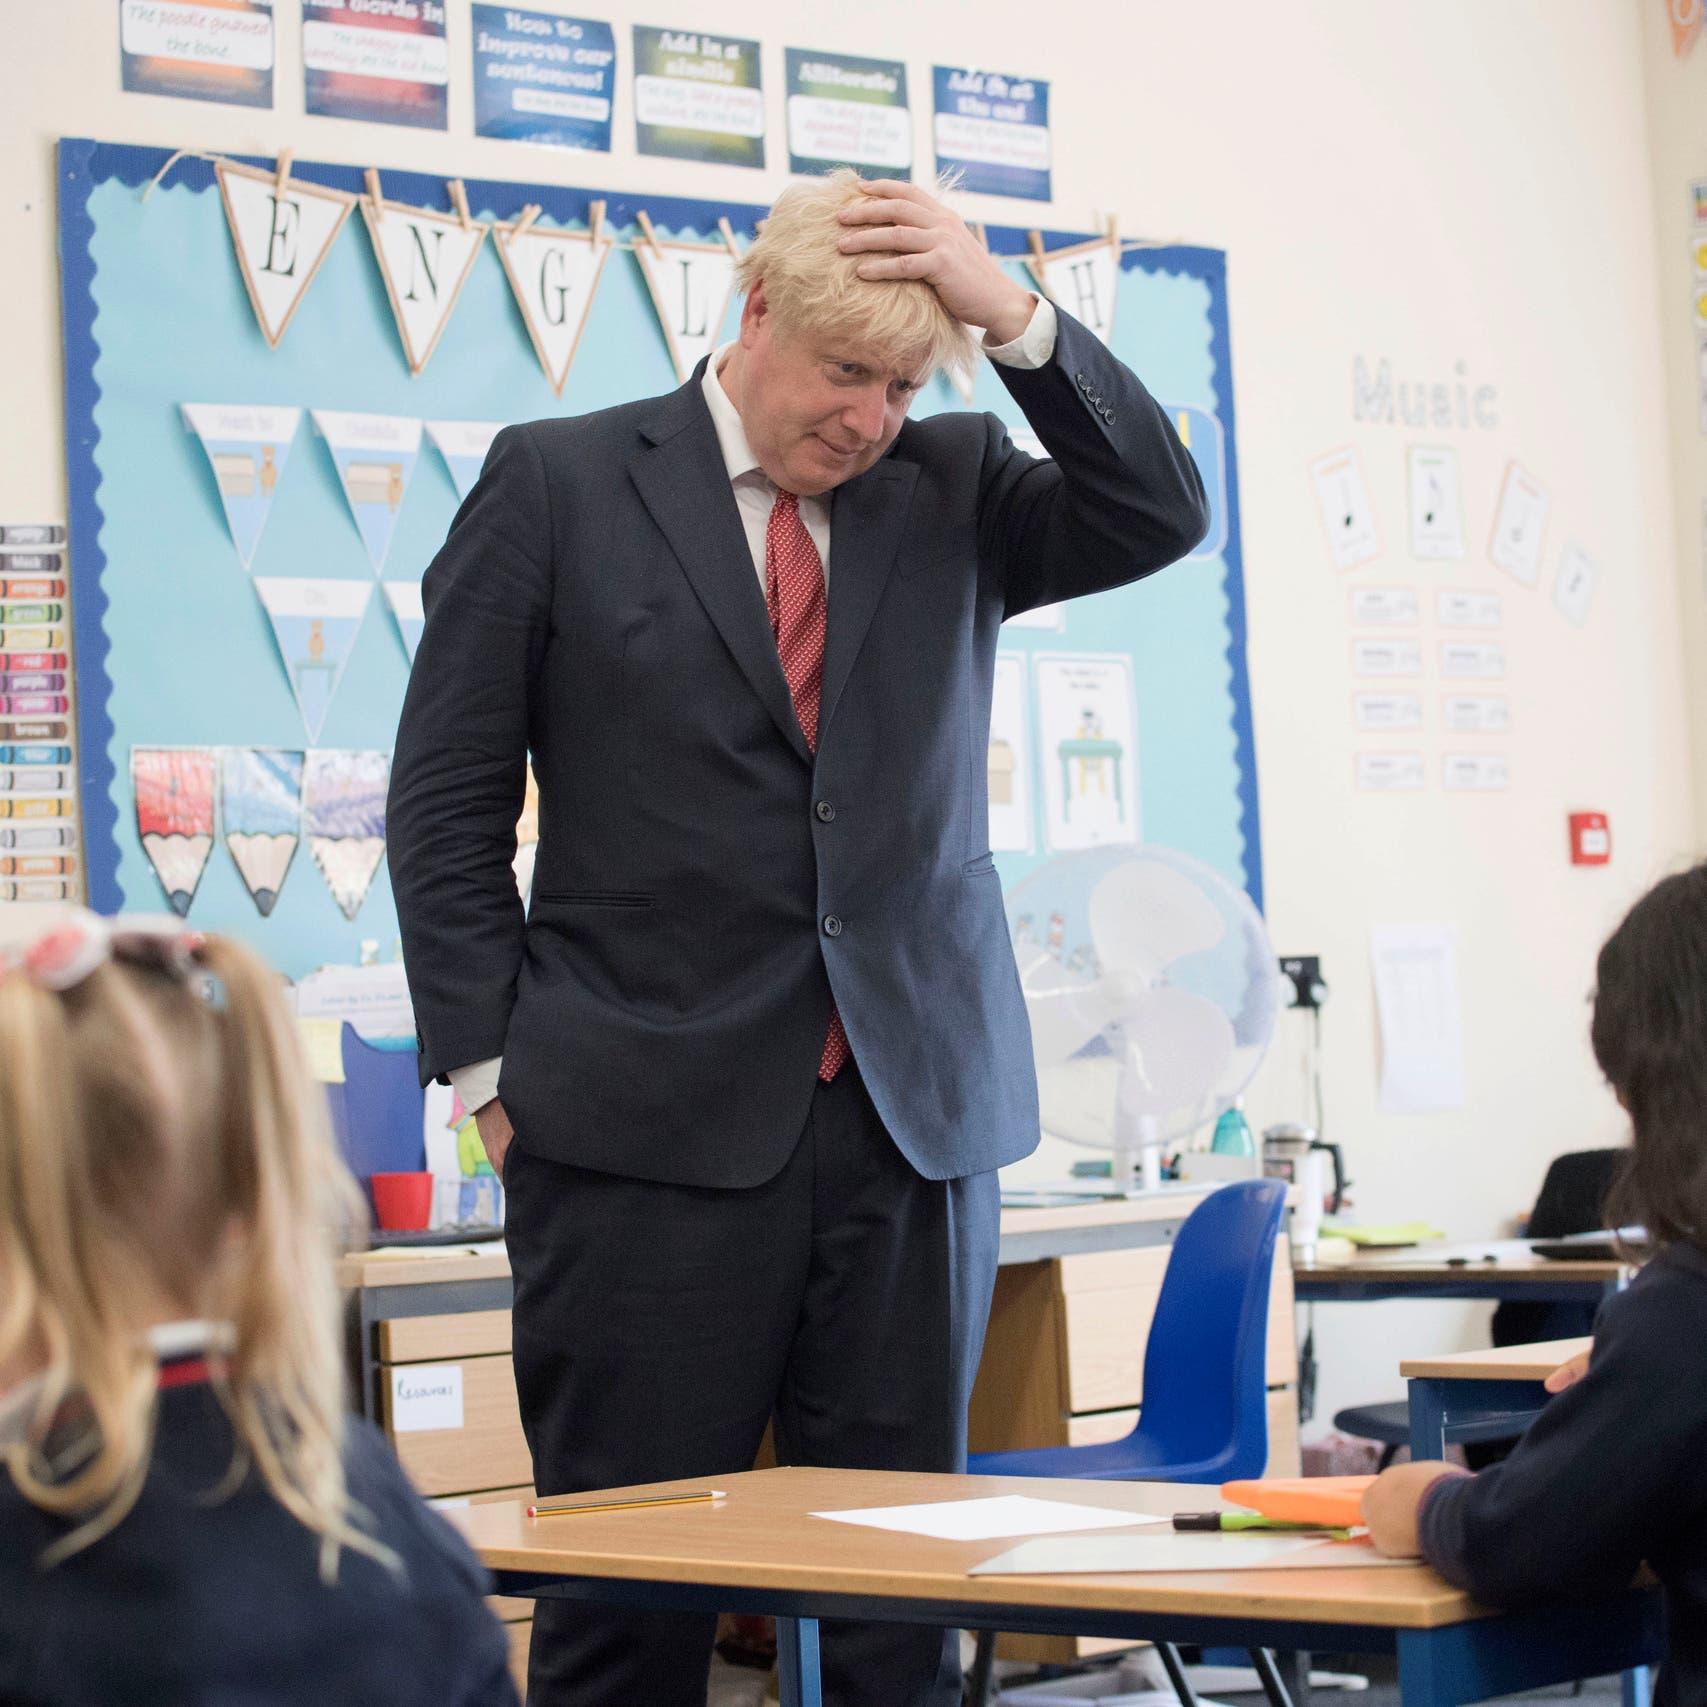 جونسون يحبط الملايين.. بتصريح مستجد حول لقاح أوكسفورد